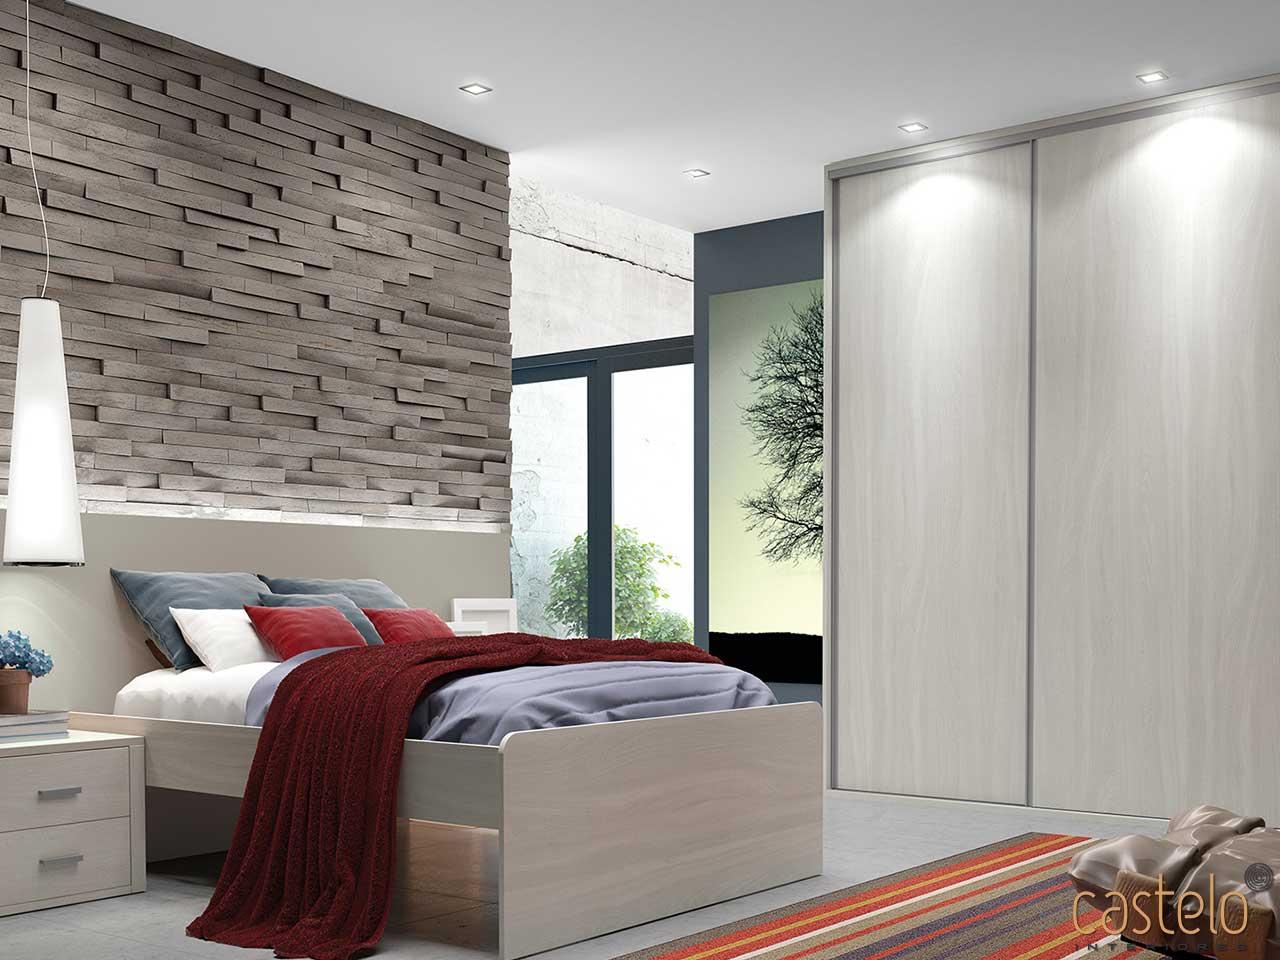 castelo-interiores-dormitorio3